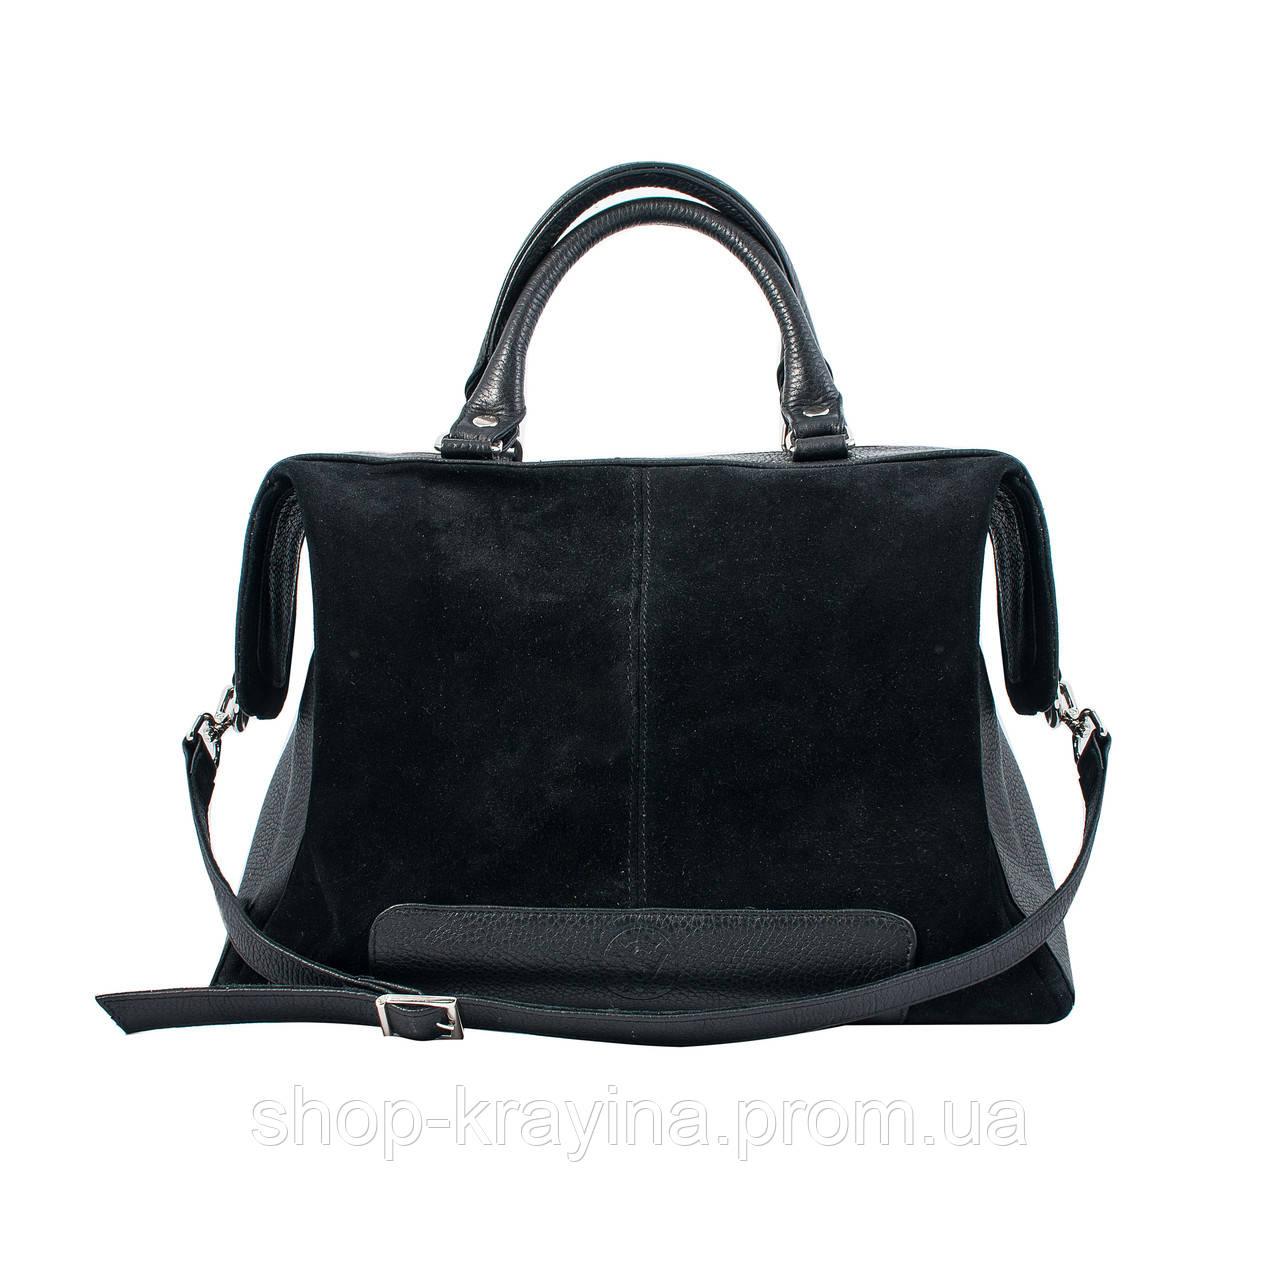 Кожаная сумка VS60  black 32х25х18 см